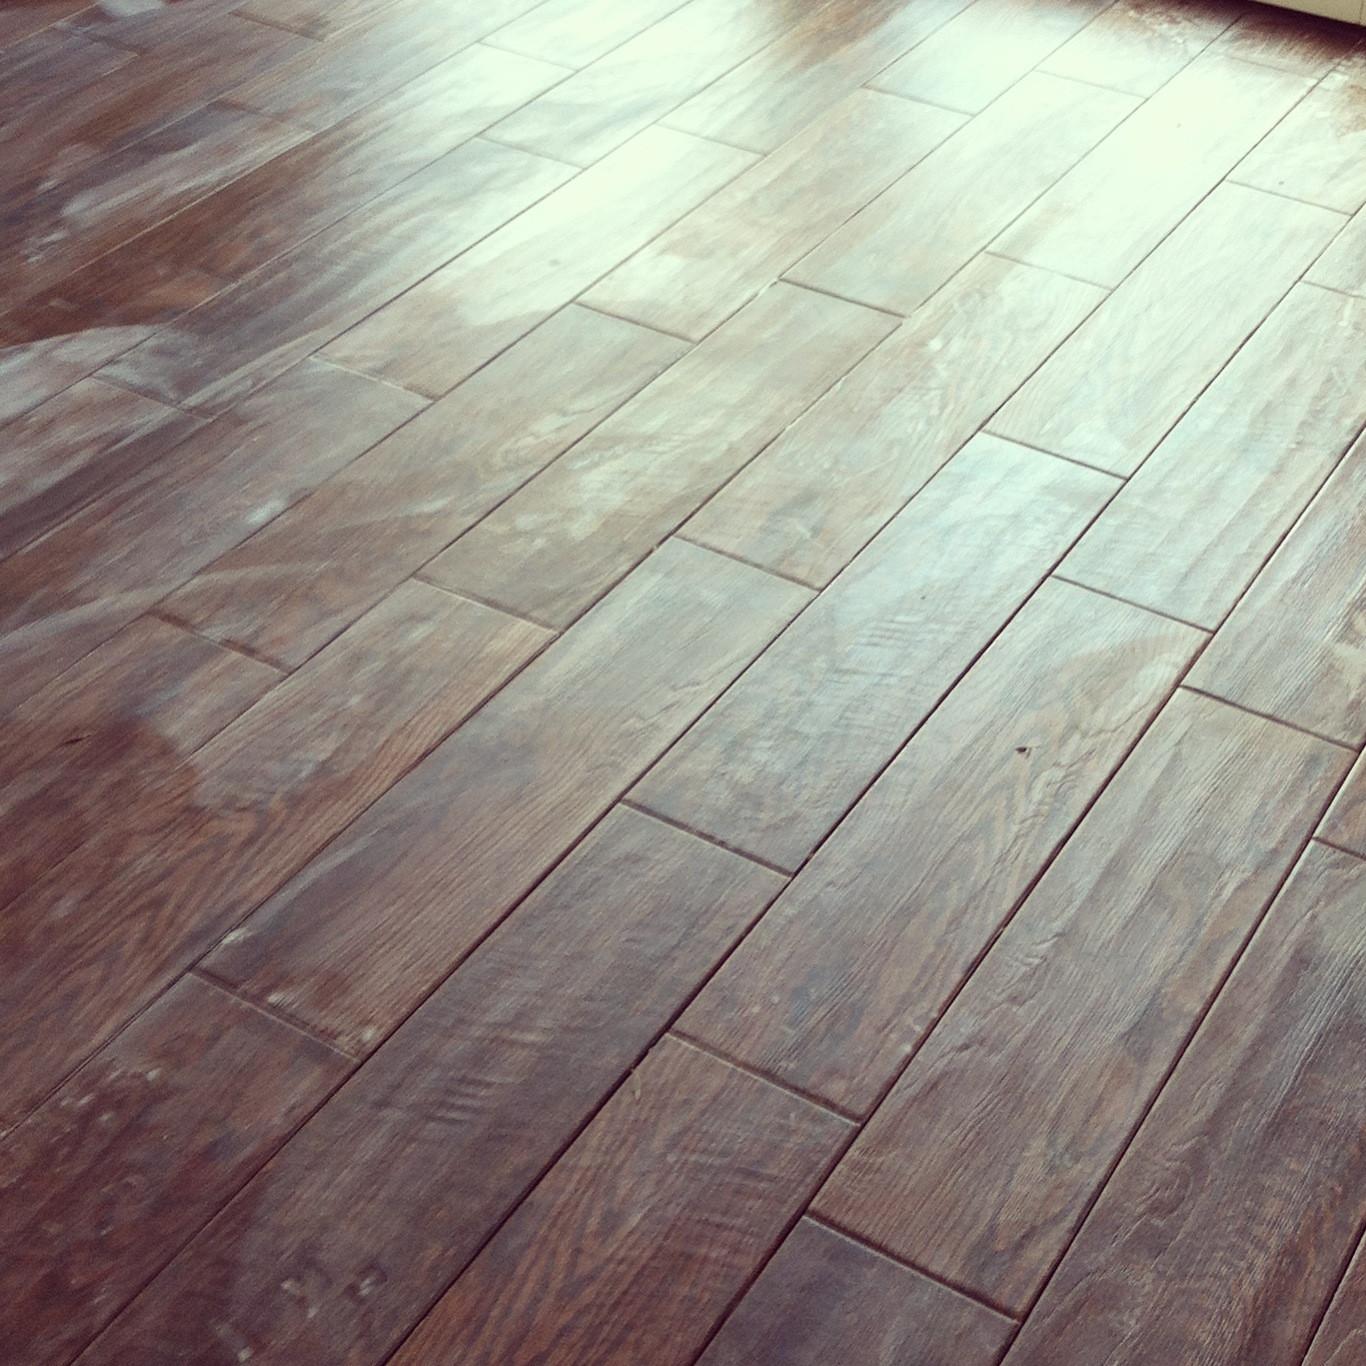 wide plank hardwood flooring home depot of 45 wood ceramic tile home depot restoration beauty faux wood tile regarding wood ceramic tile home depot